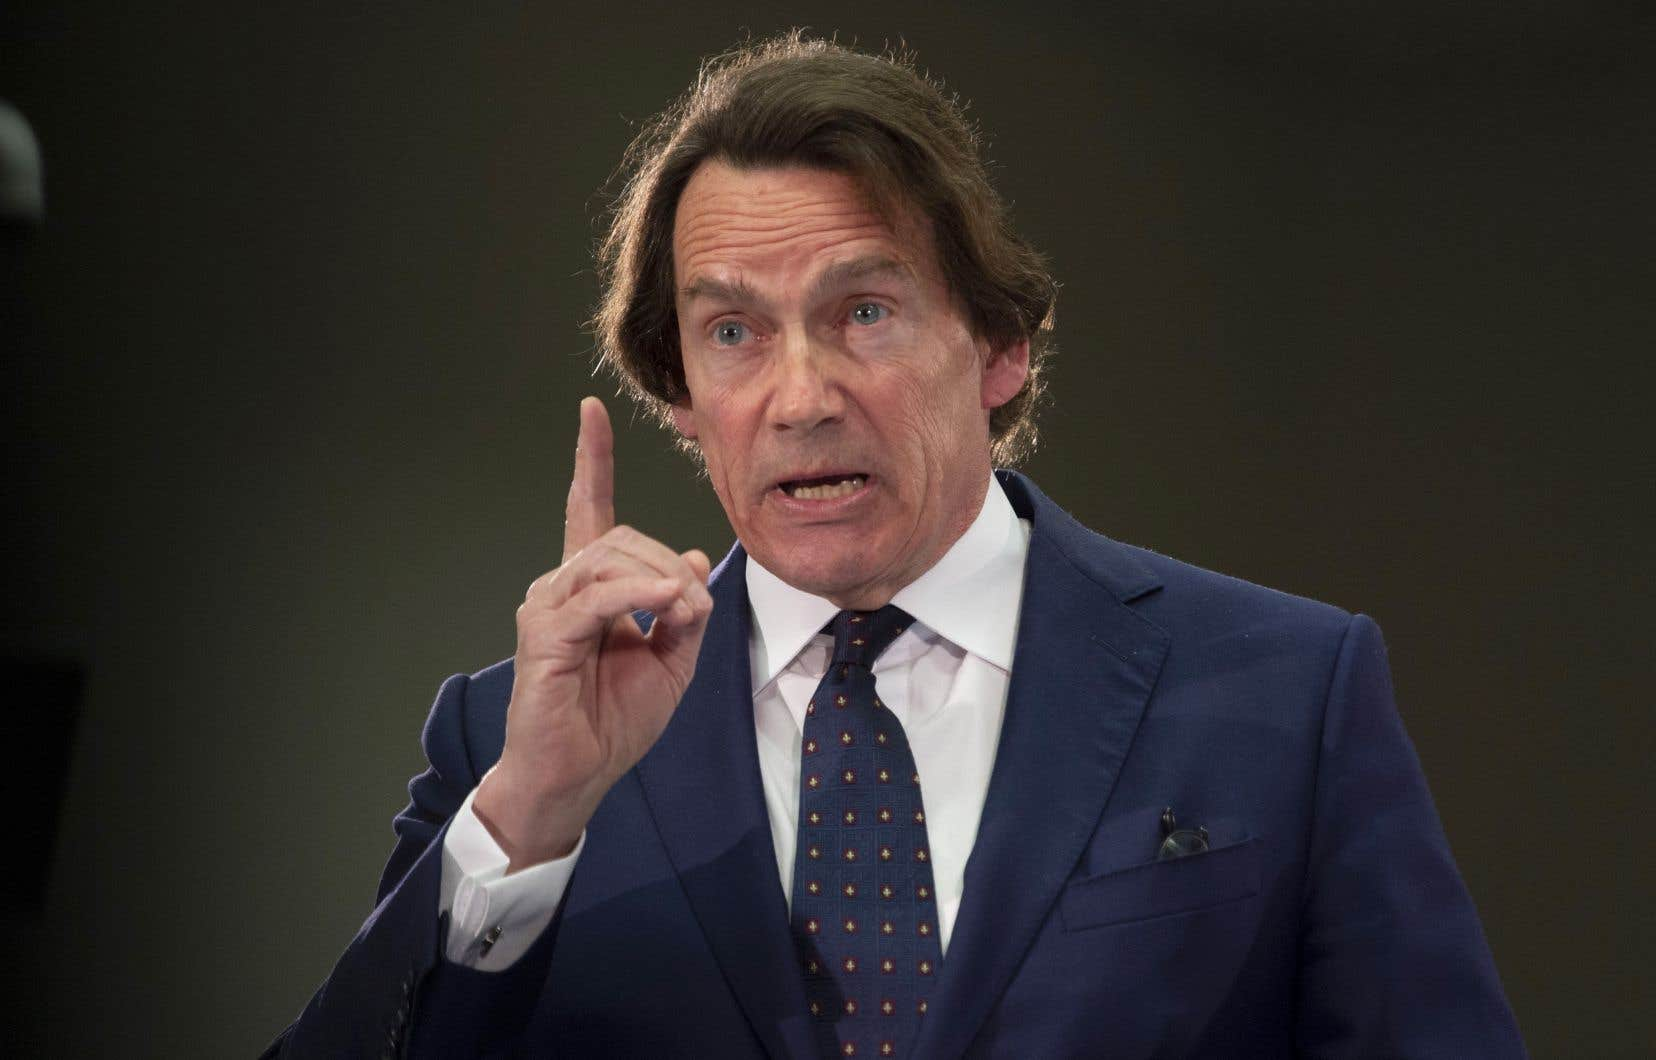 Le p.-d.g. de Québecor, Pierre Karl Péladeau, a pris la parole pour promouvoir les «intérêts économiques des Québécois et des Québécoises».